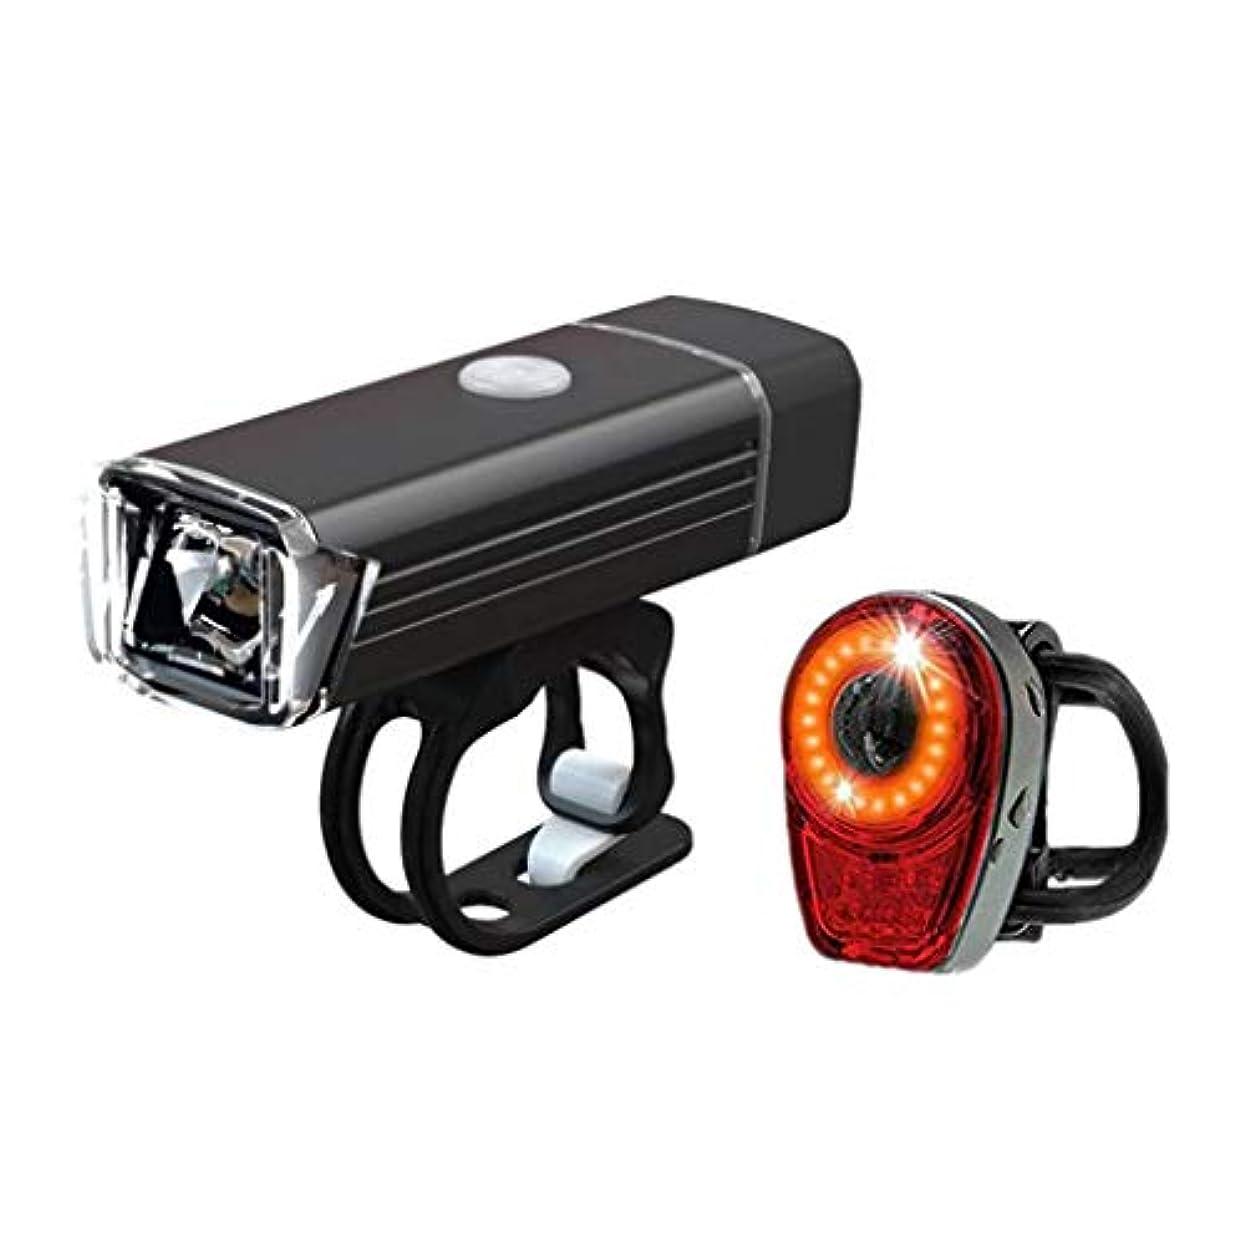 混乱させる革新アスペクト自転車ライトセット USB充電式, マウンテンバイ クヘッドライト スーパーブライト 300ルーメン, 自転車ヘッドライト無料テールライト